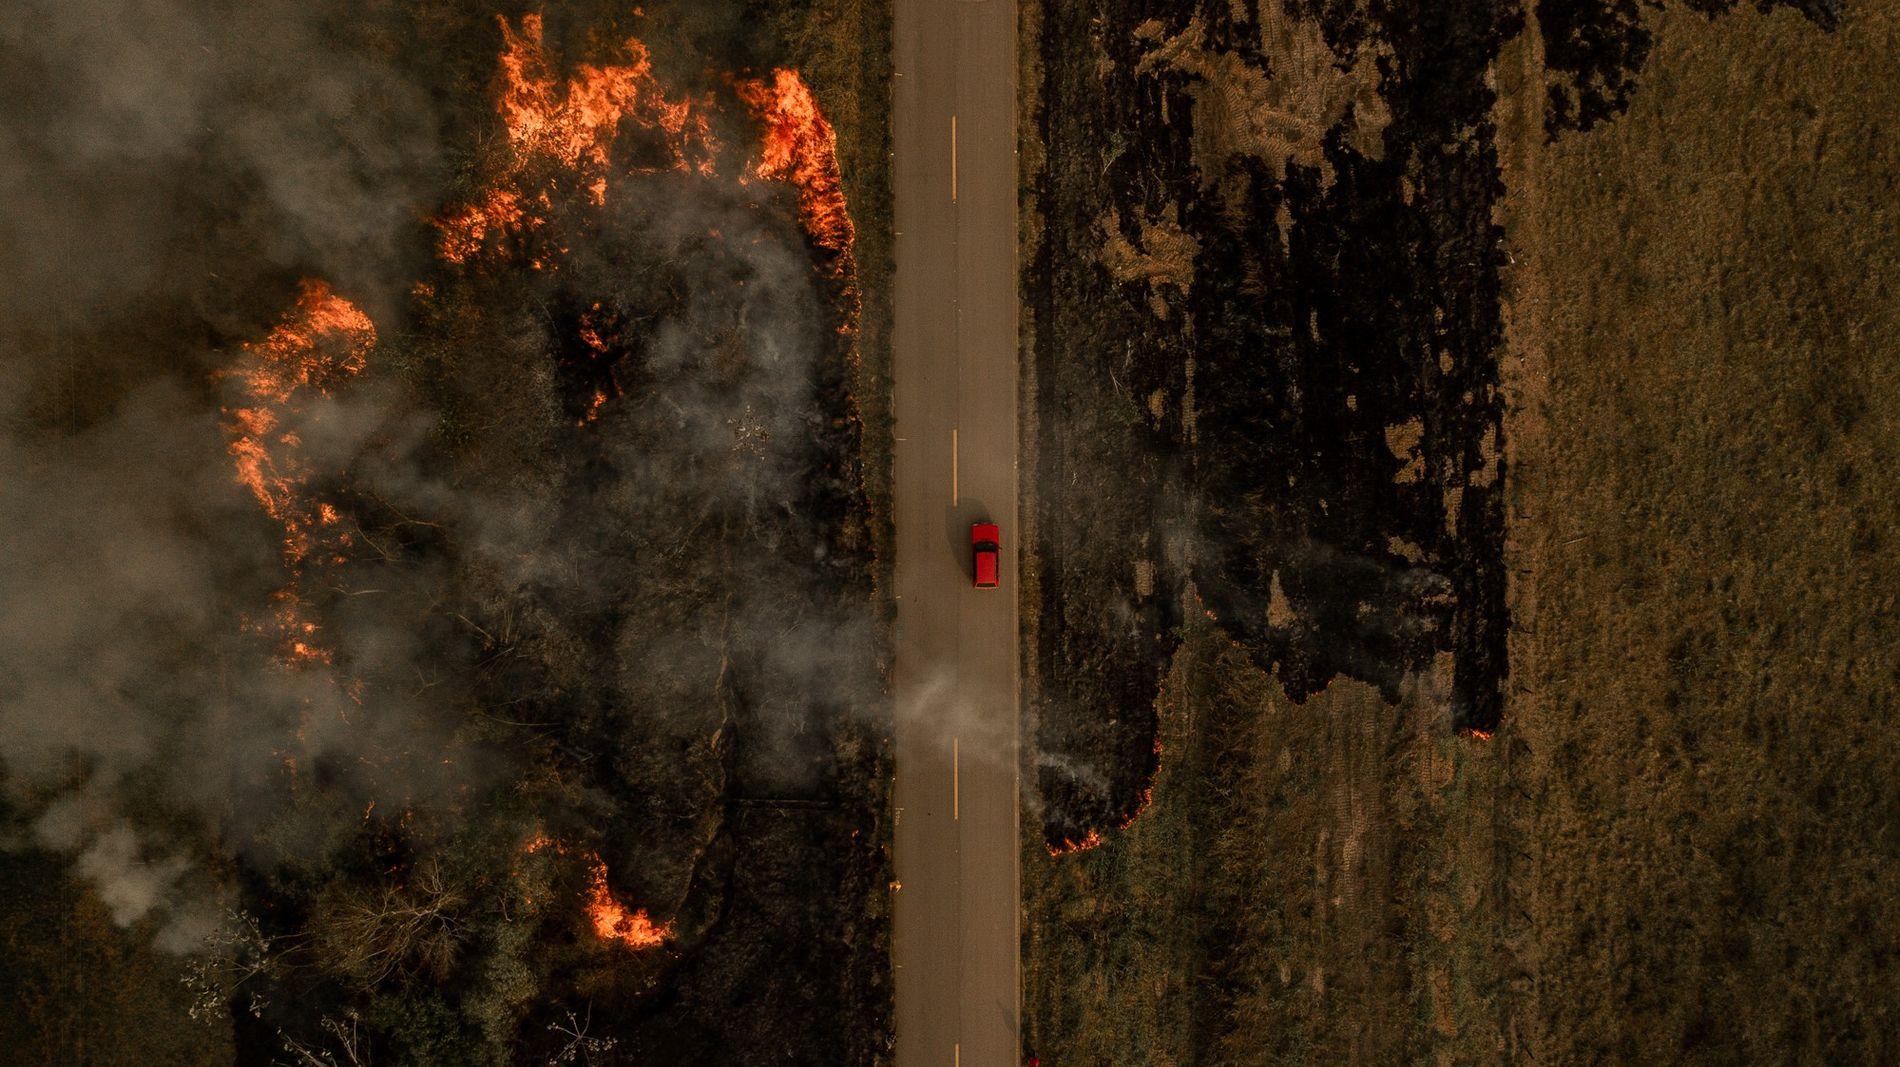 incendio-queimadas-amazonia-acre-brasi